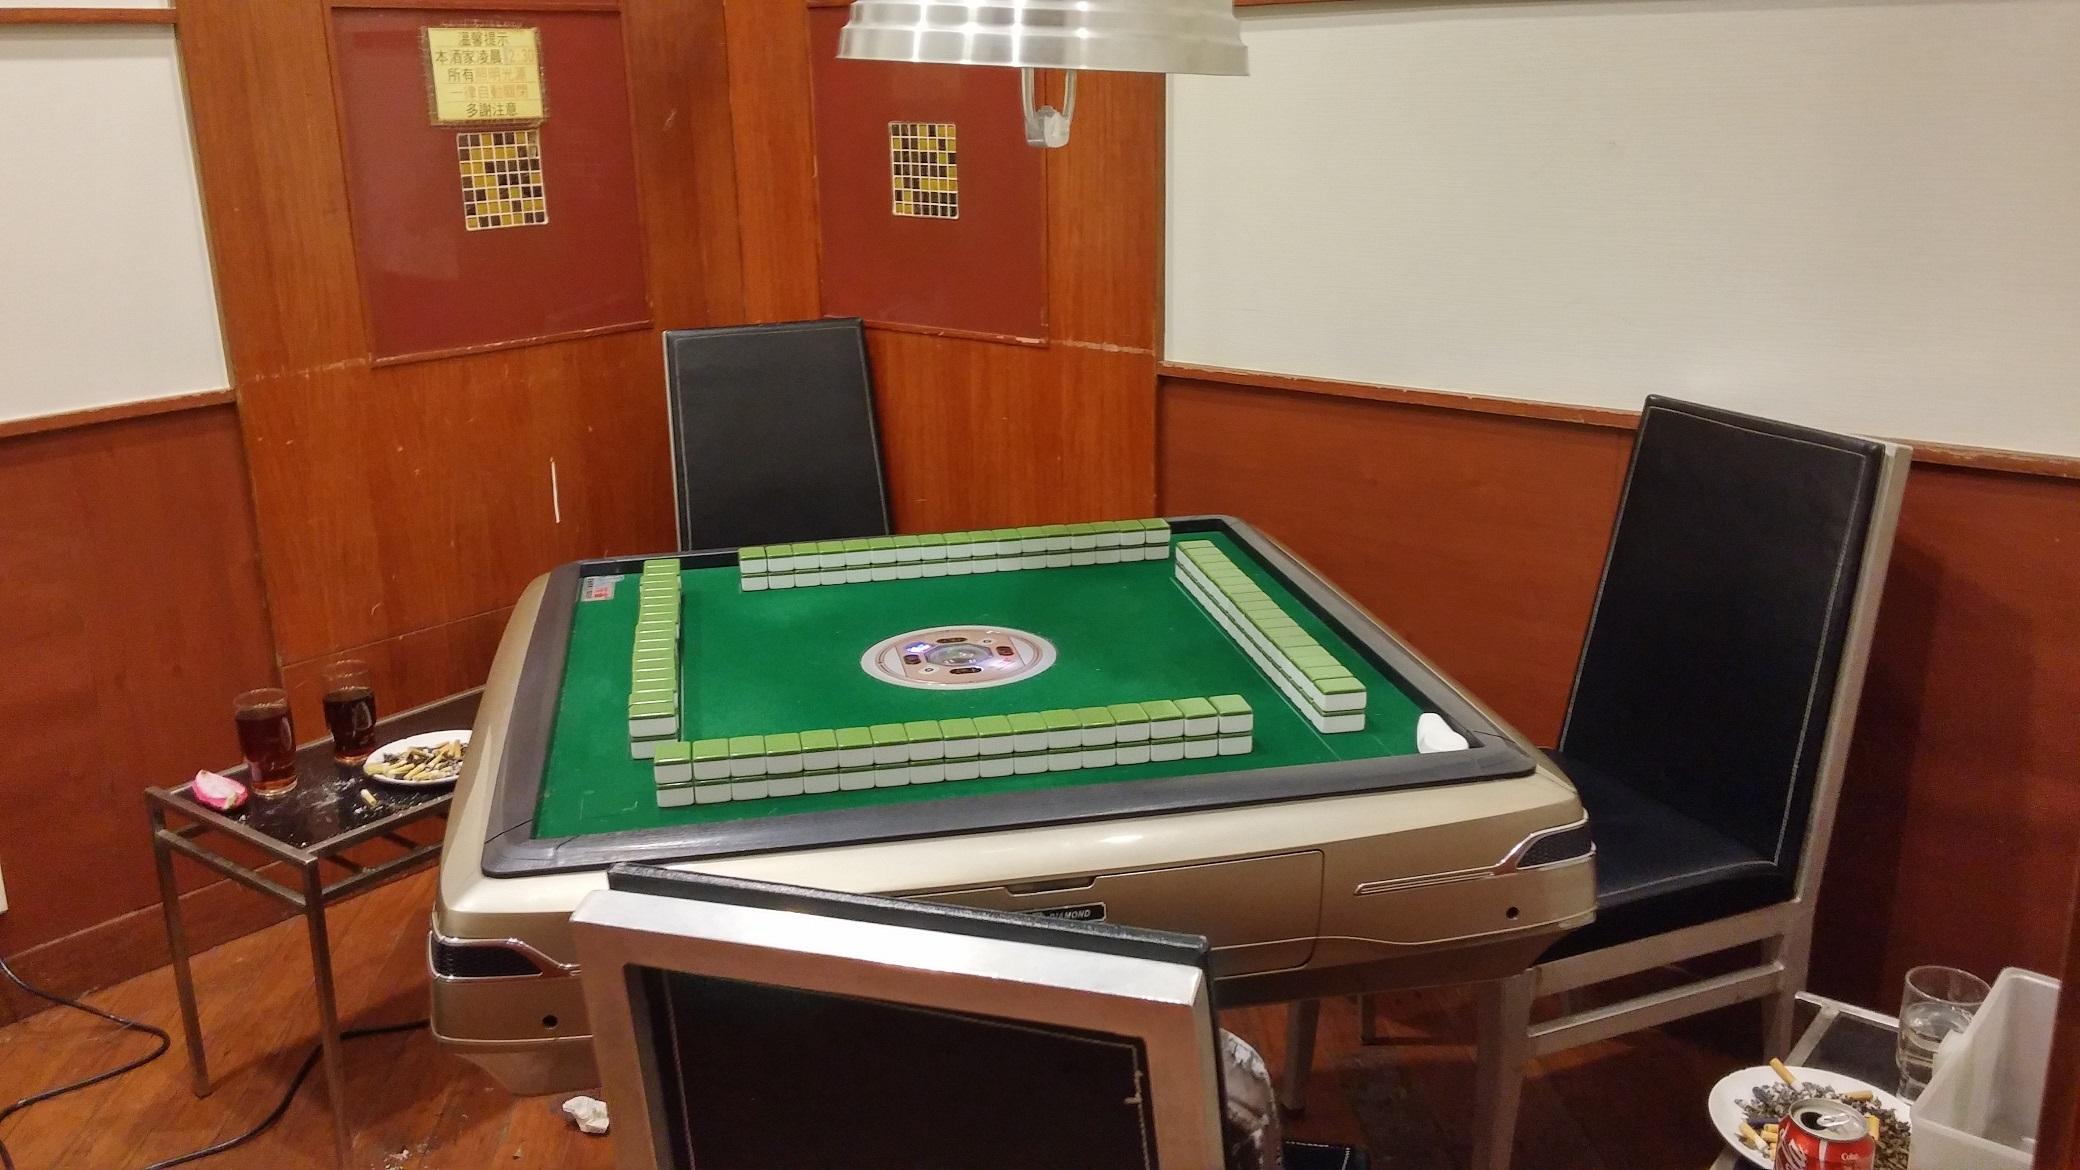 Electronic mahjong table